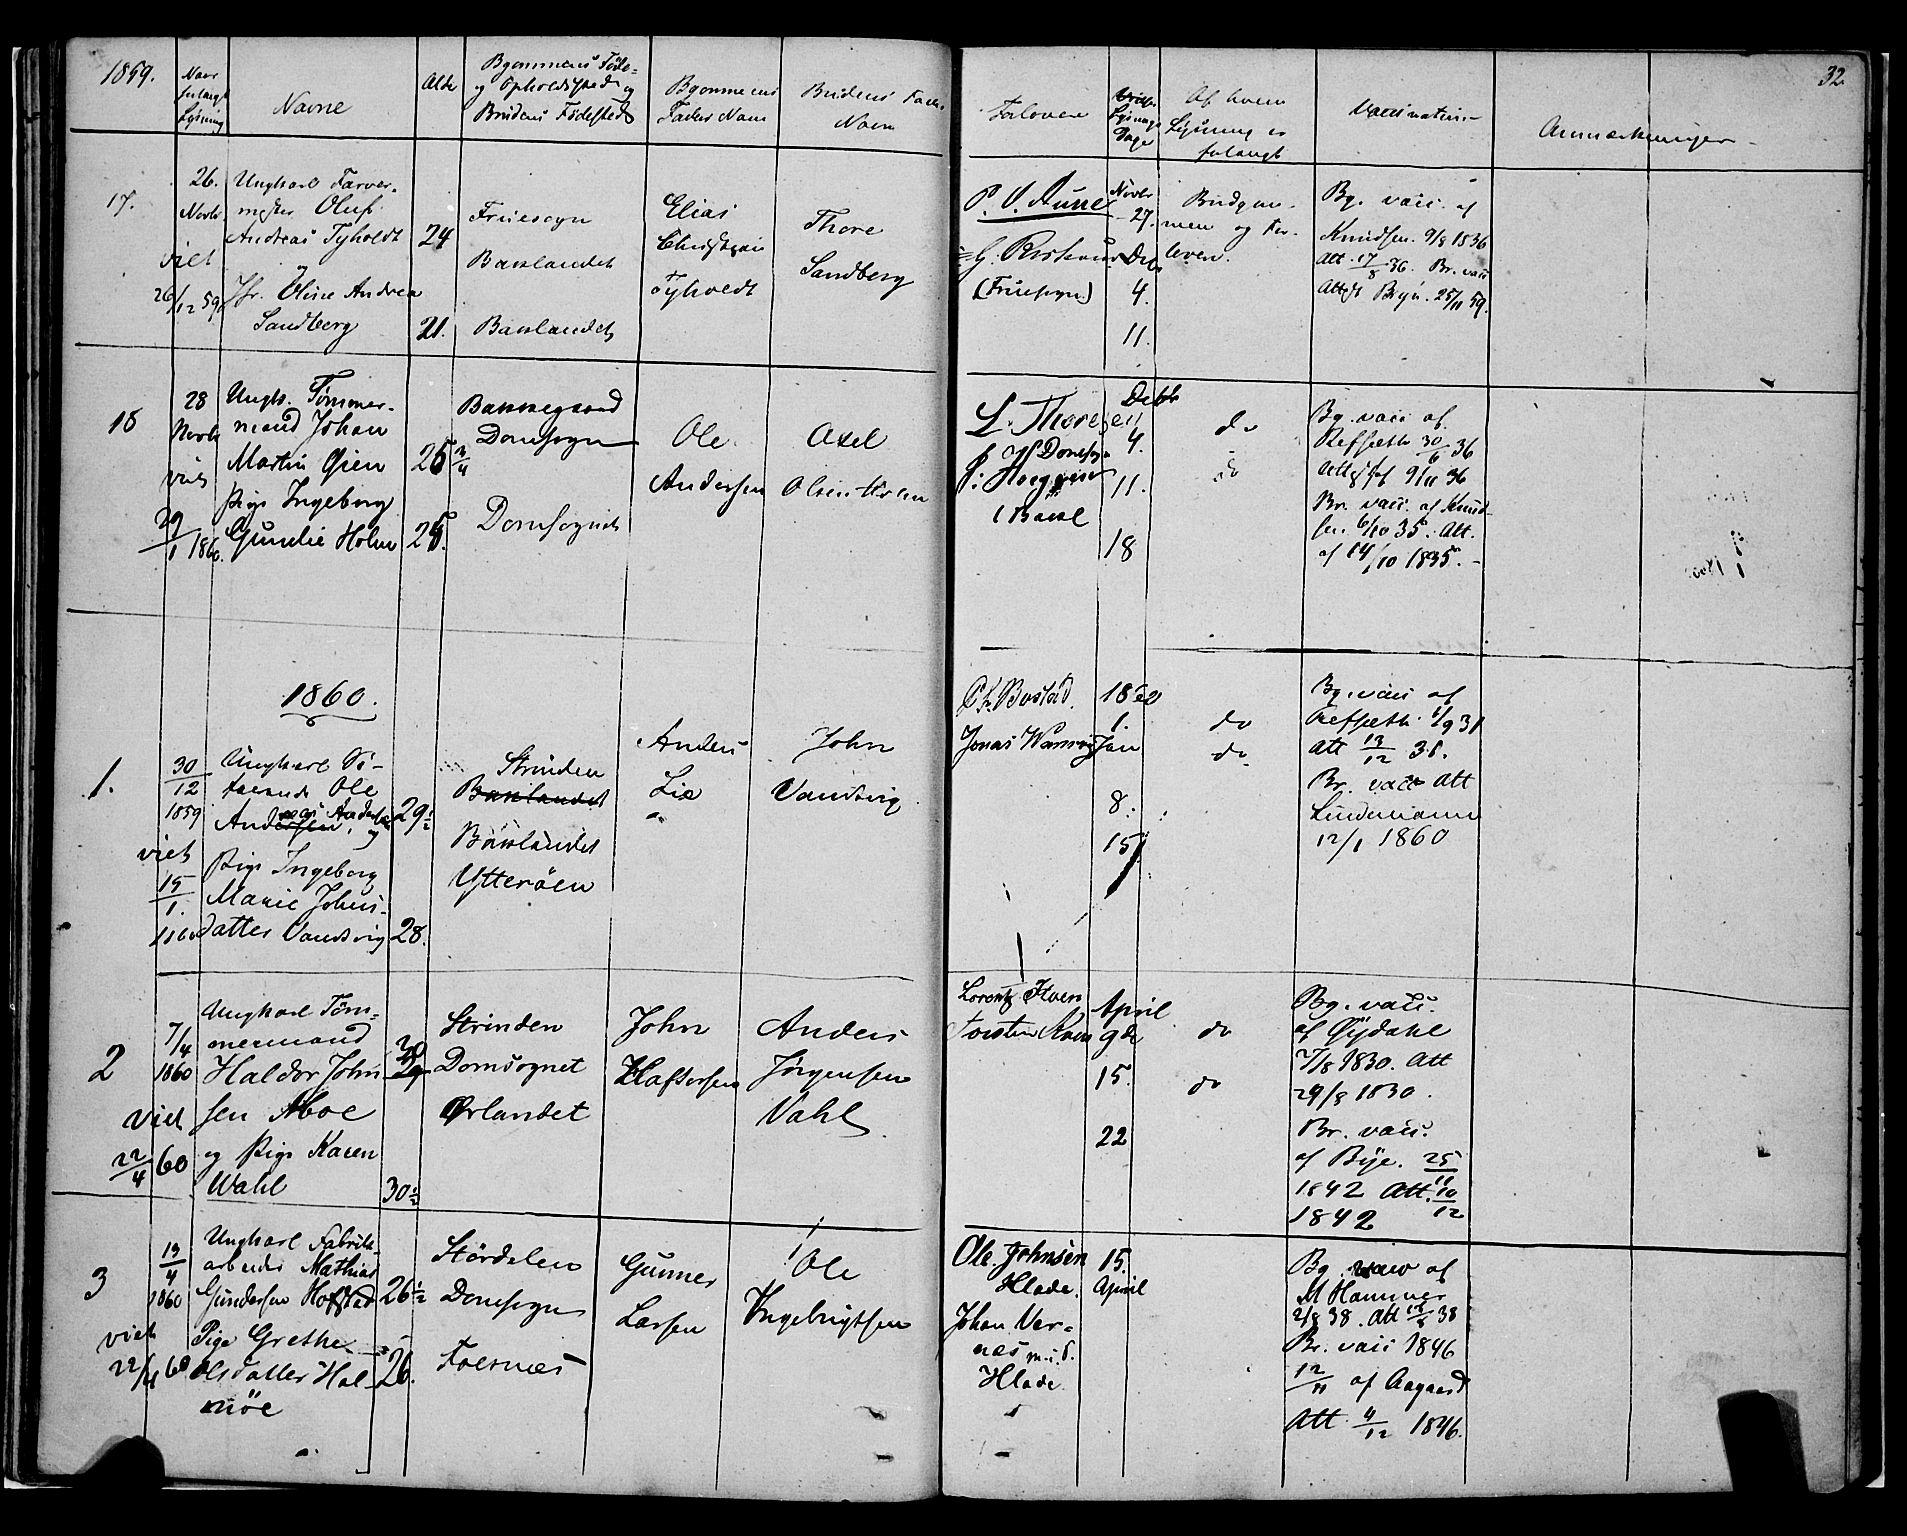 SAT, Ministerialprotokoller, klokkerbøker og fødselsregistre - Sør-Trøndelag, 604/L0187: Ministerialbok nr. 604A08, 1847-1878, s. 32